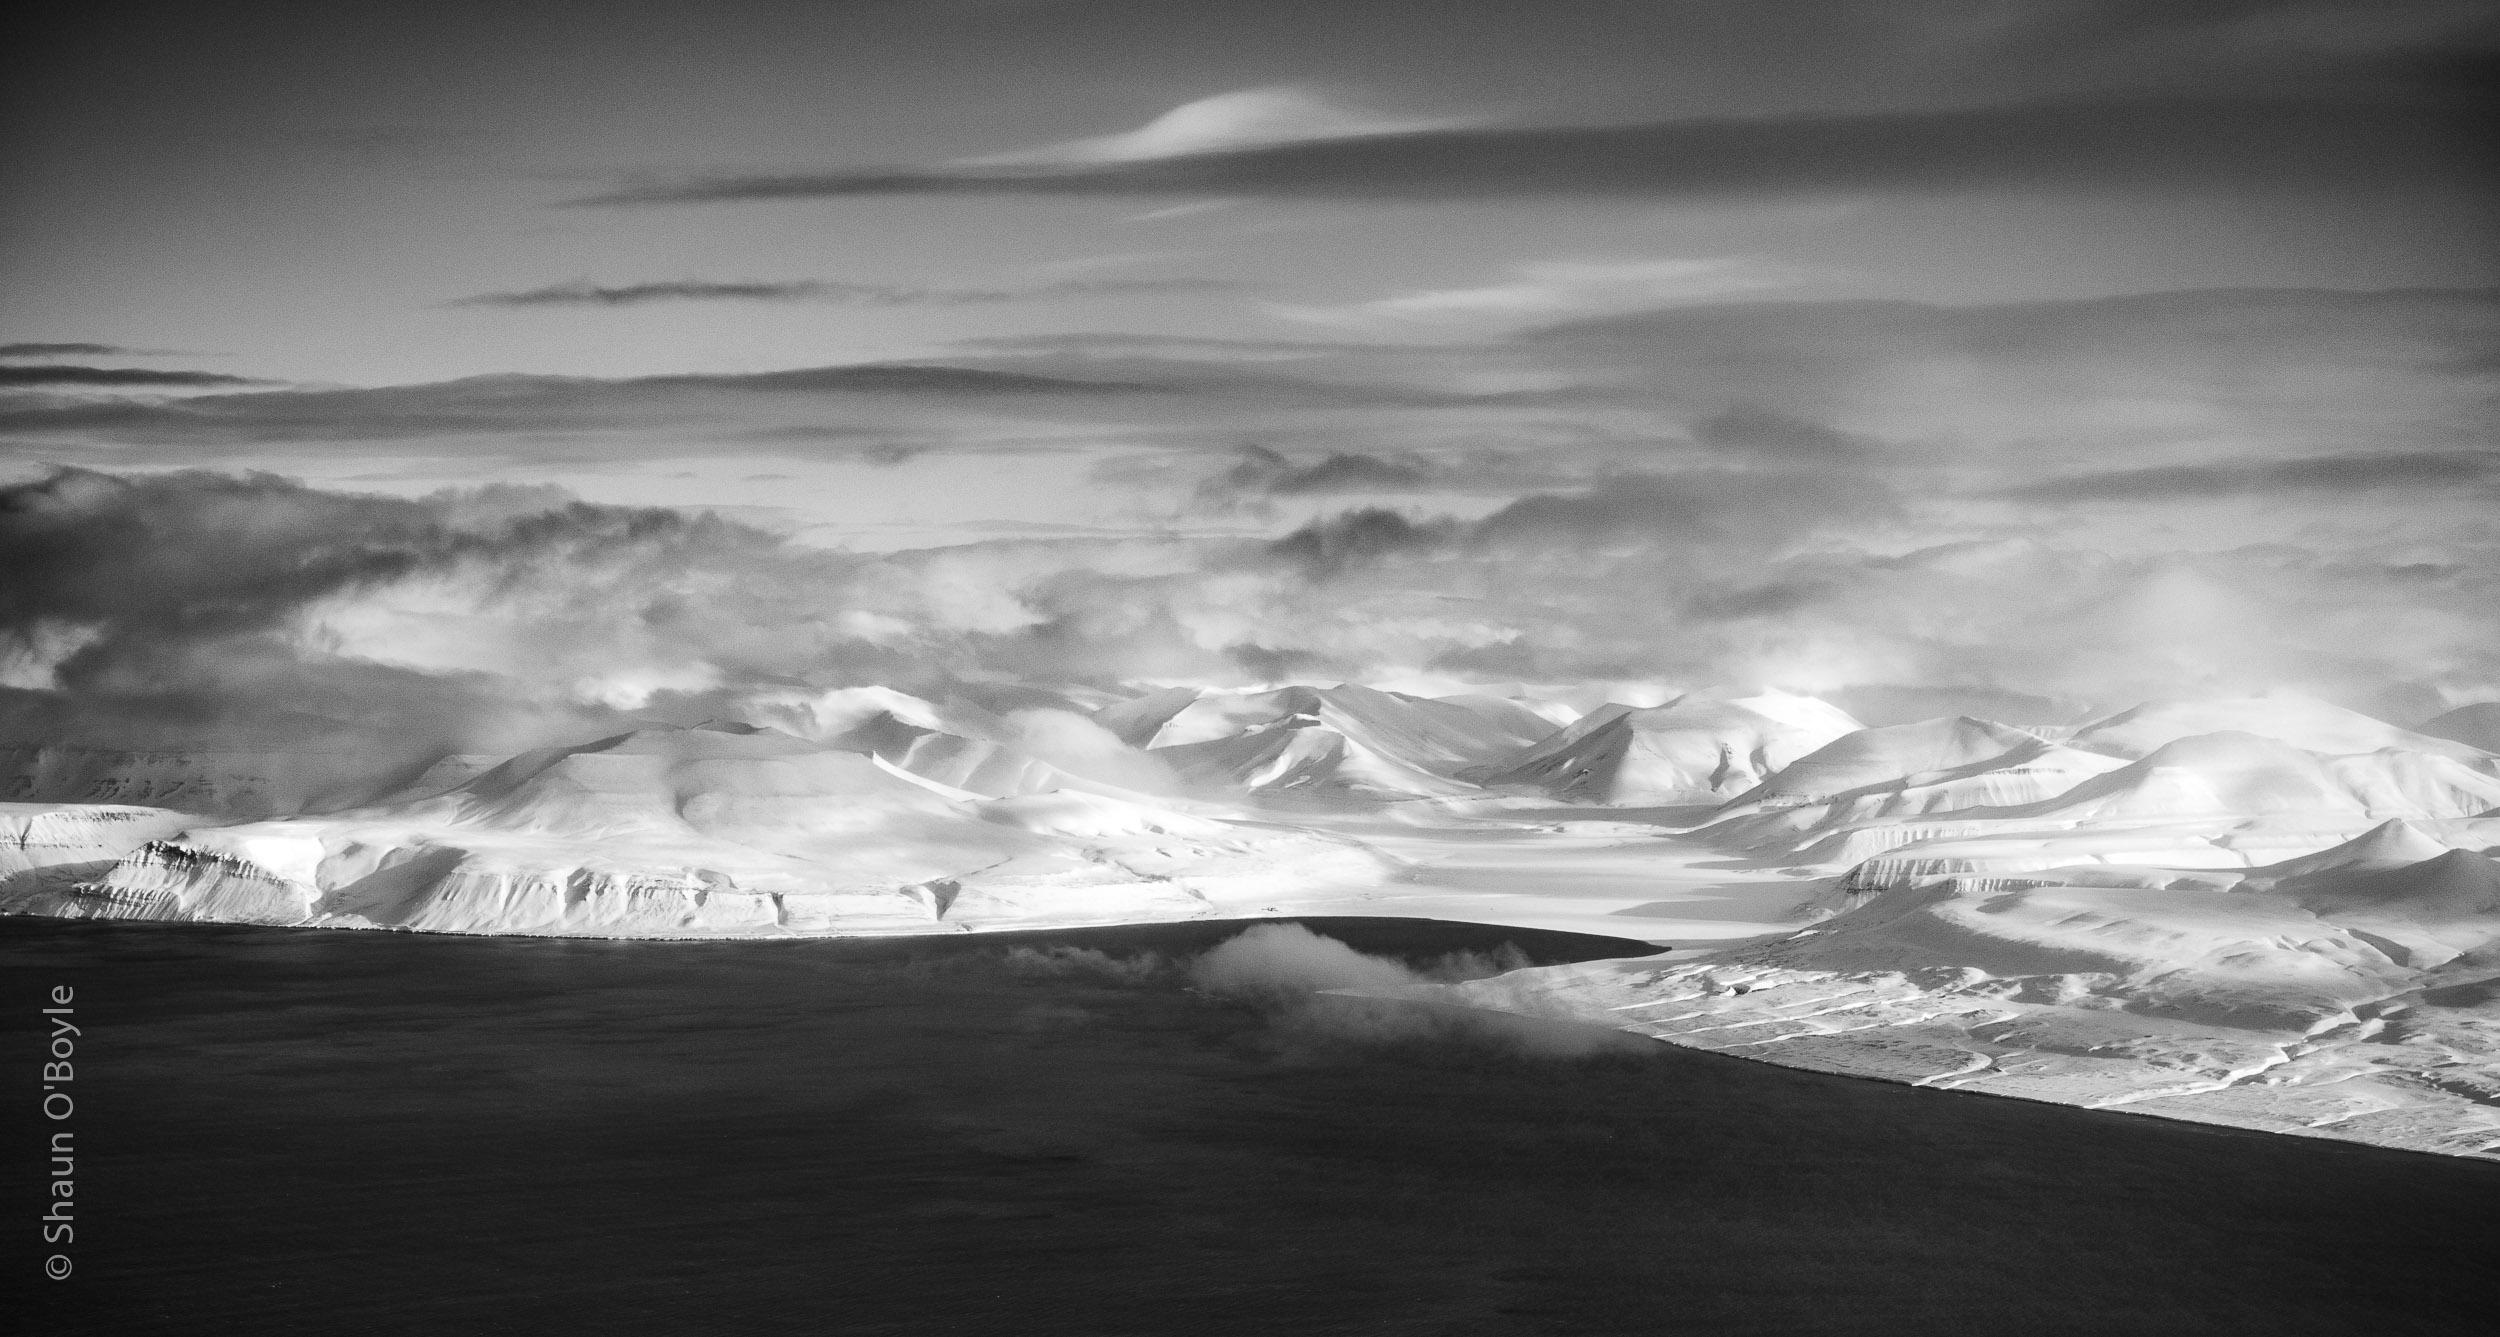 Colesbukta (Coals Bay), Spitsbergen